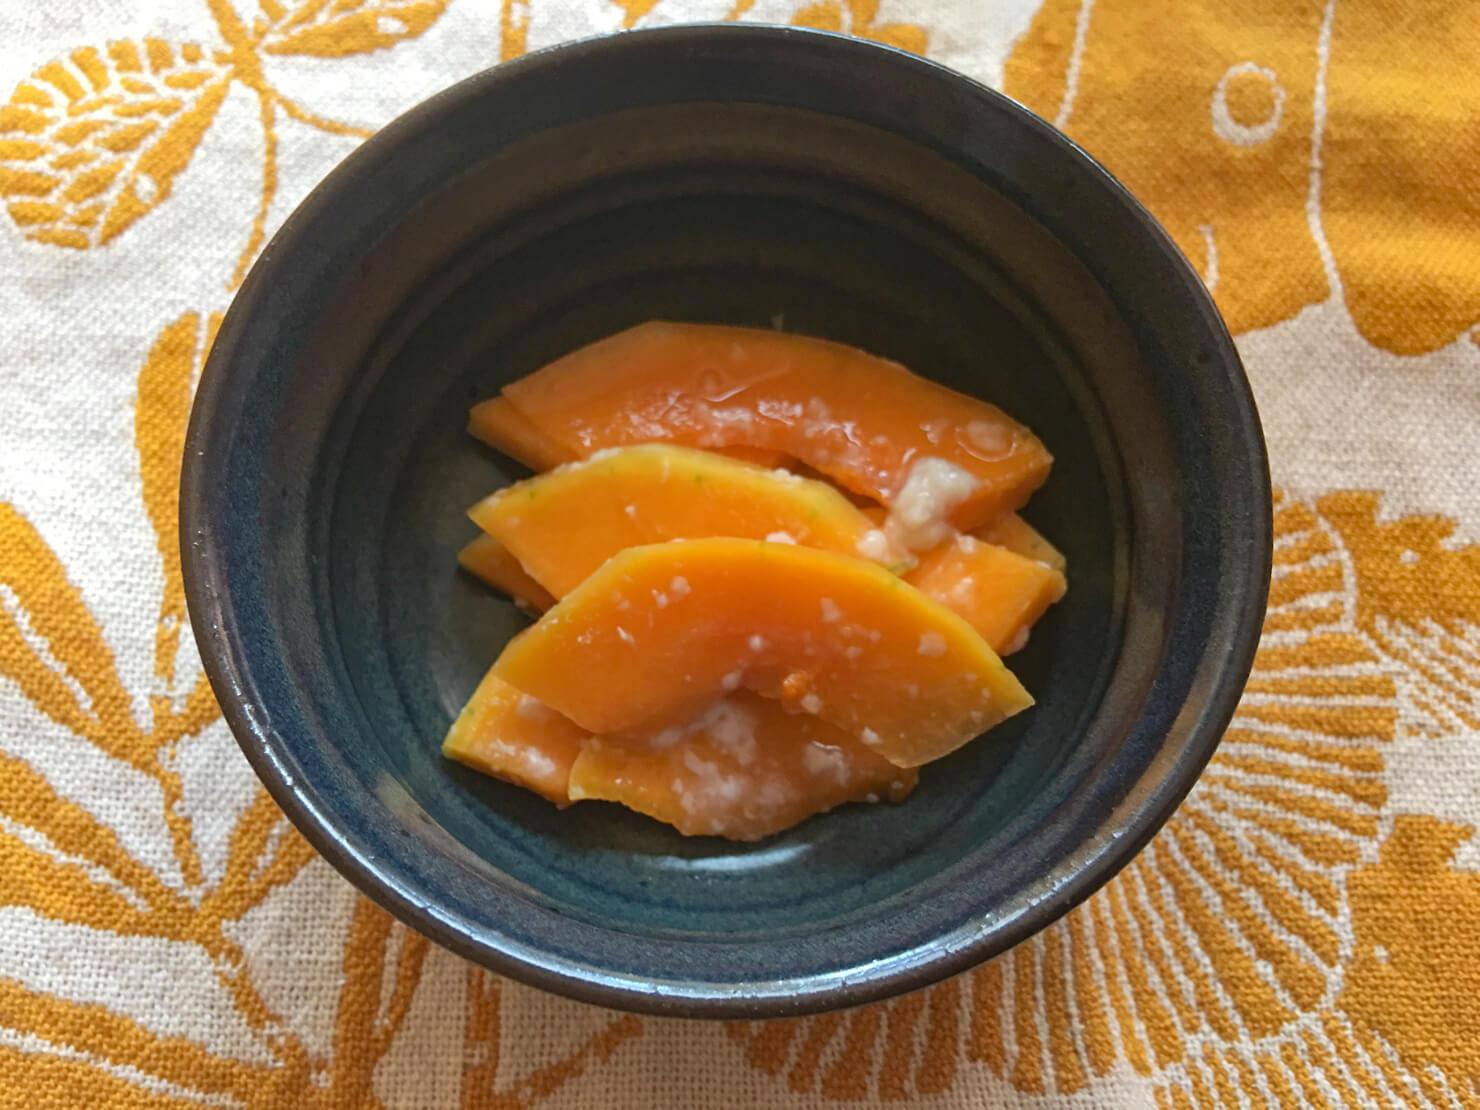 バターナッツかぼちゃの塩麹漬けの写真